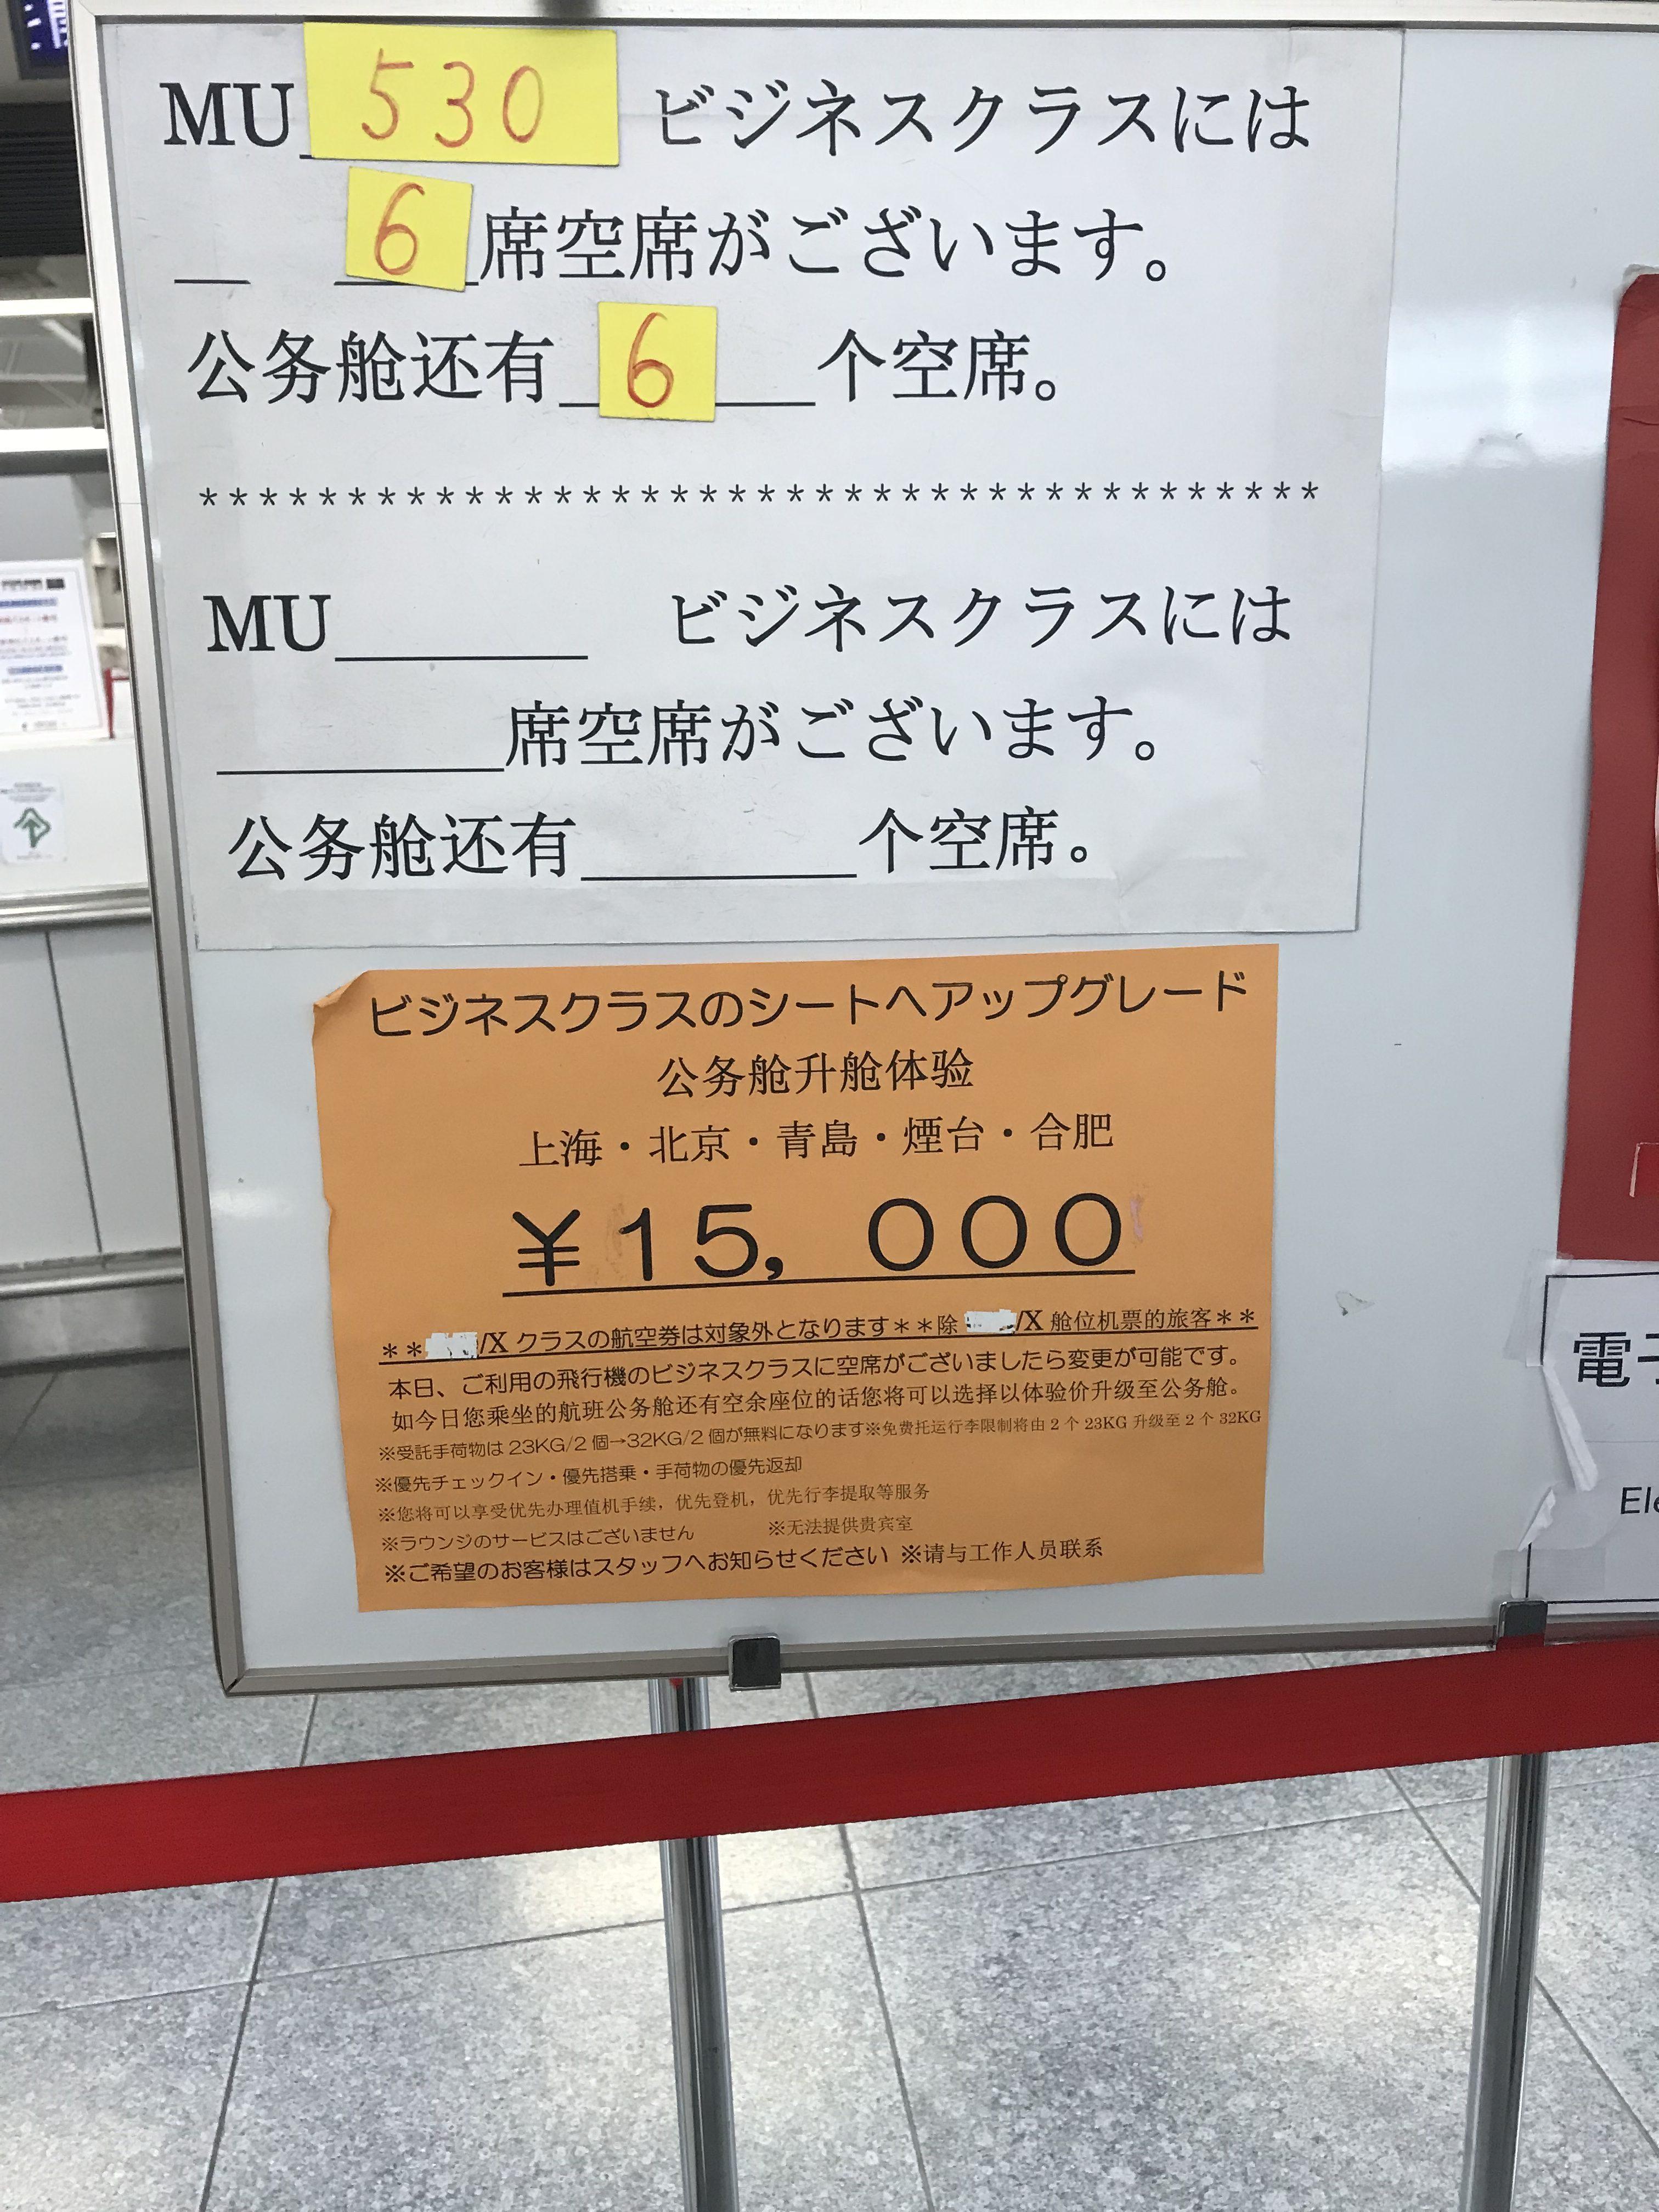 名古屋-上海MU便